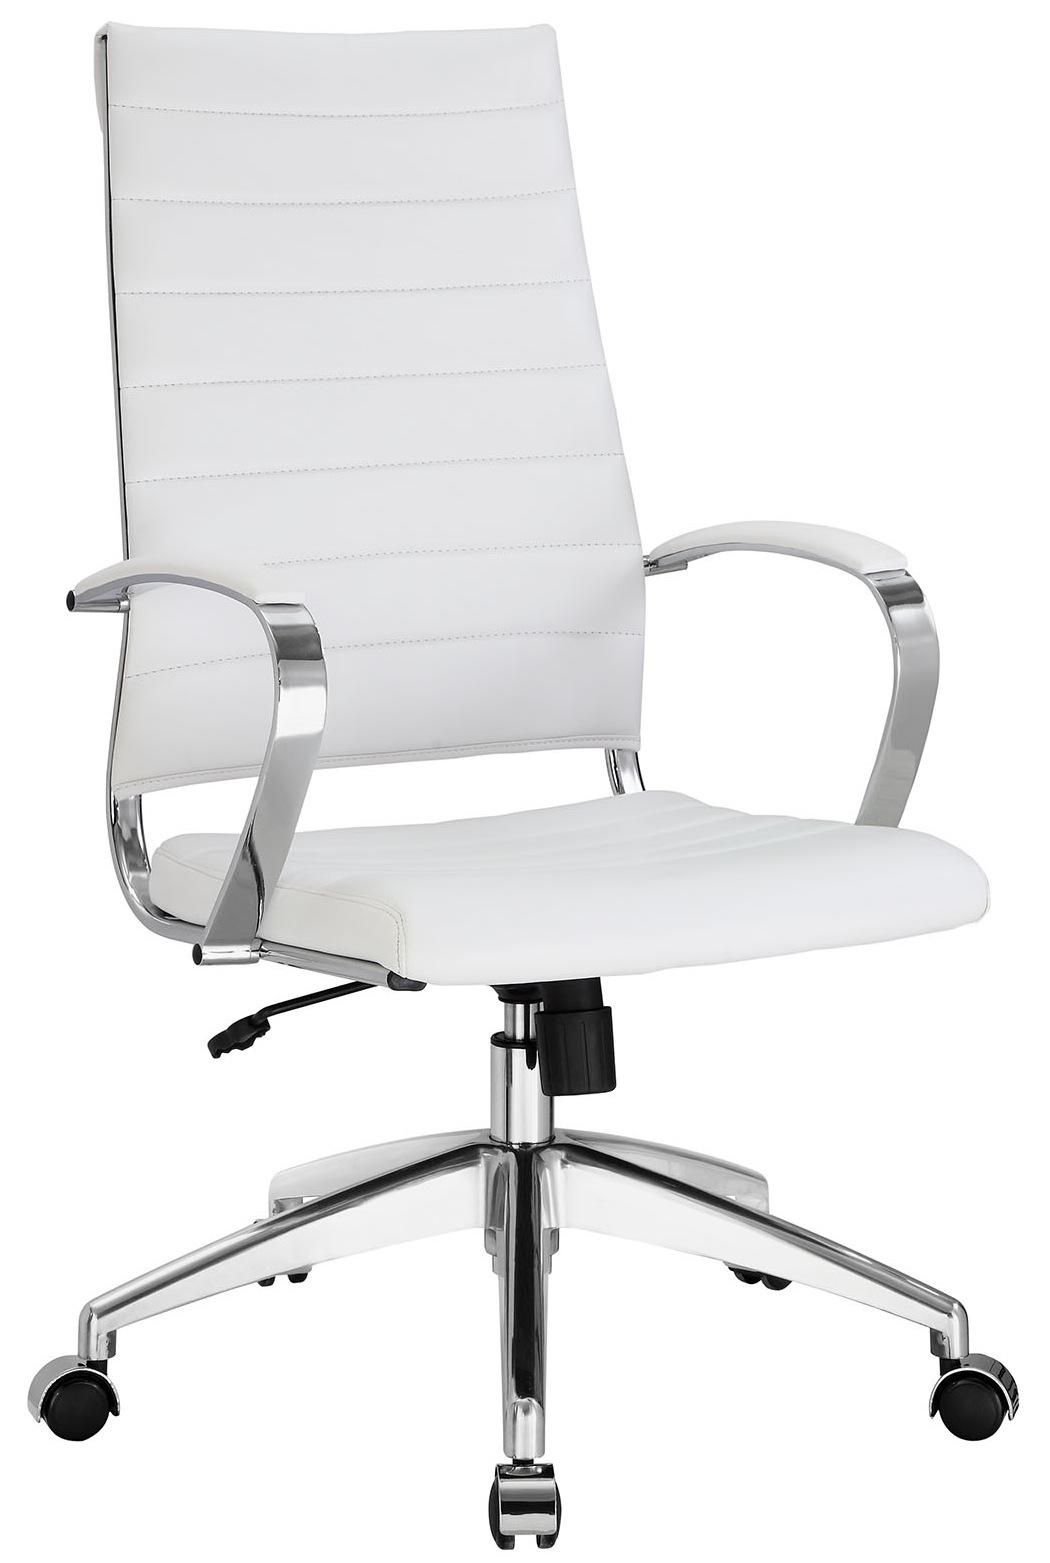 aria-hb-office-chair-white.jpg